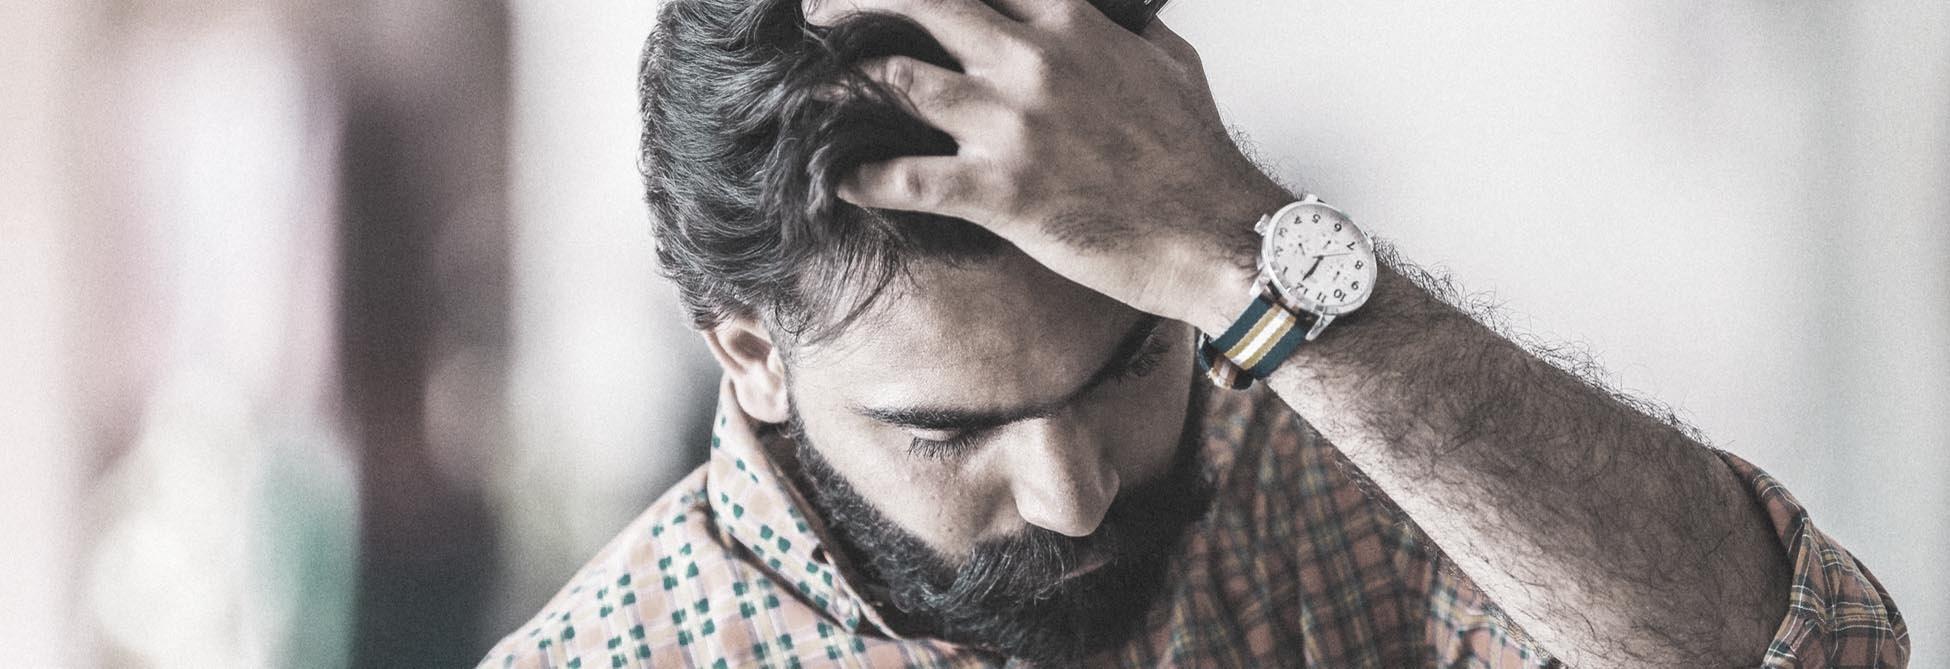 Haarverzorging man: 7 veelgemaakte fouten